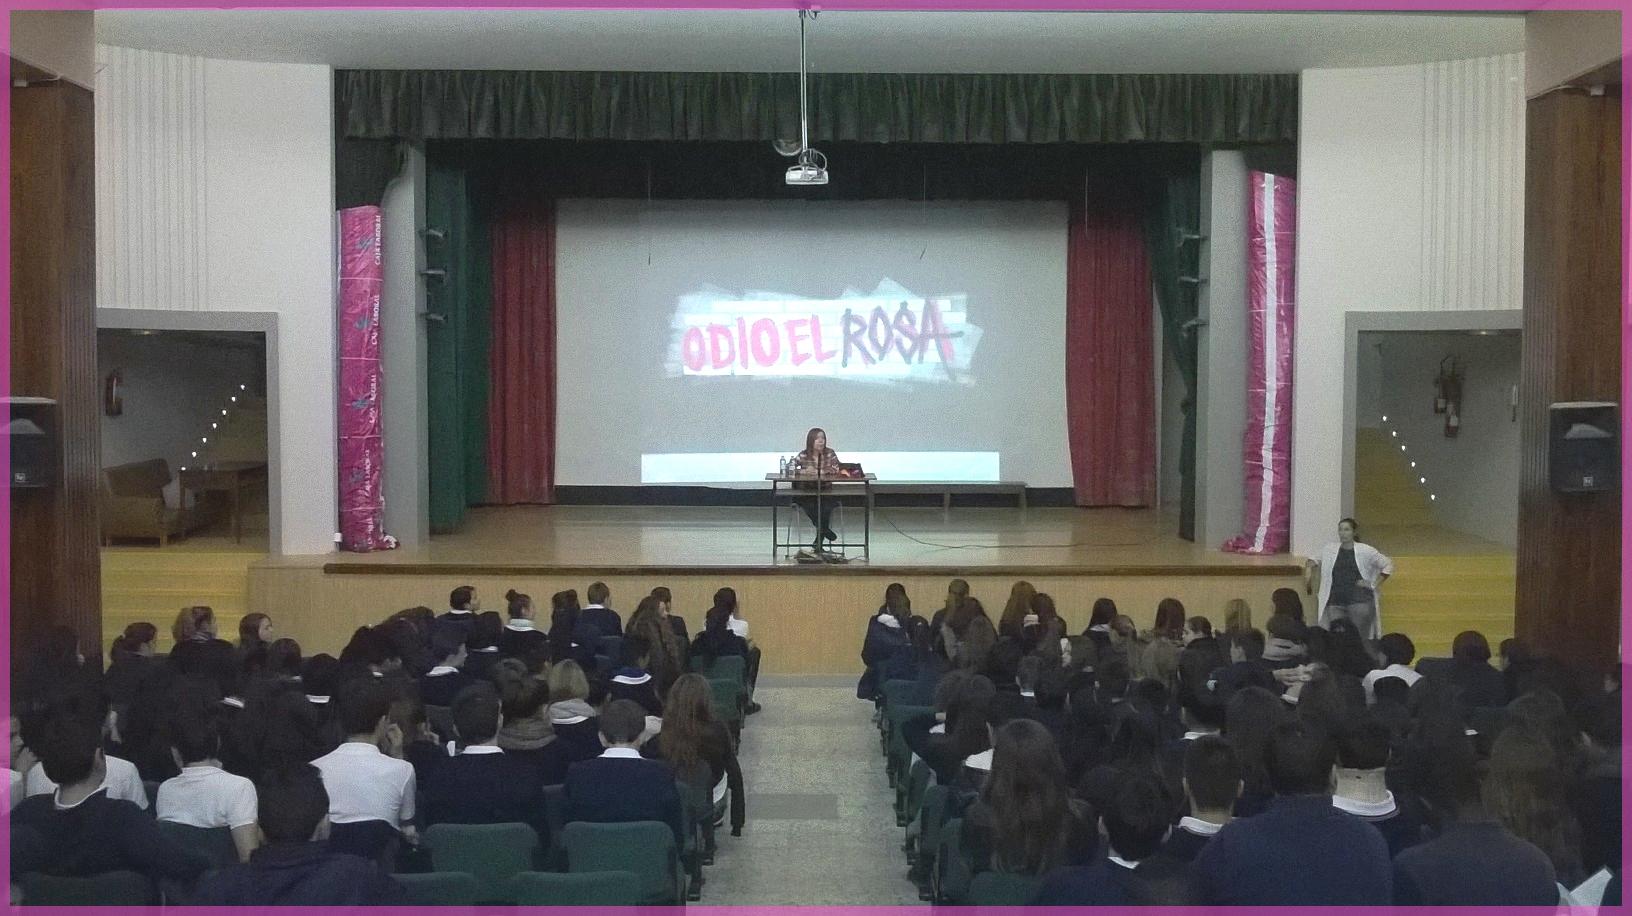 colegio hijas de san jose odio el rosa presentacion